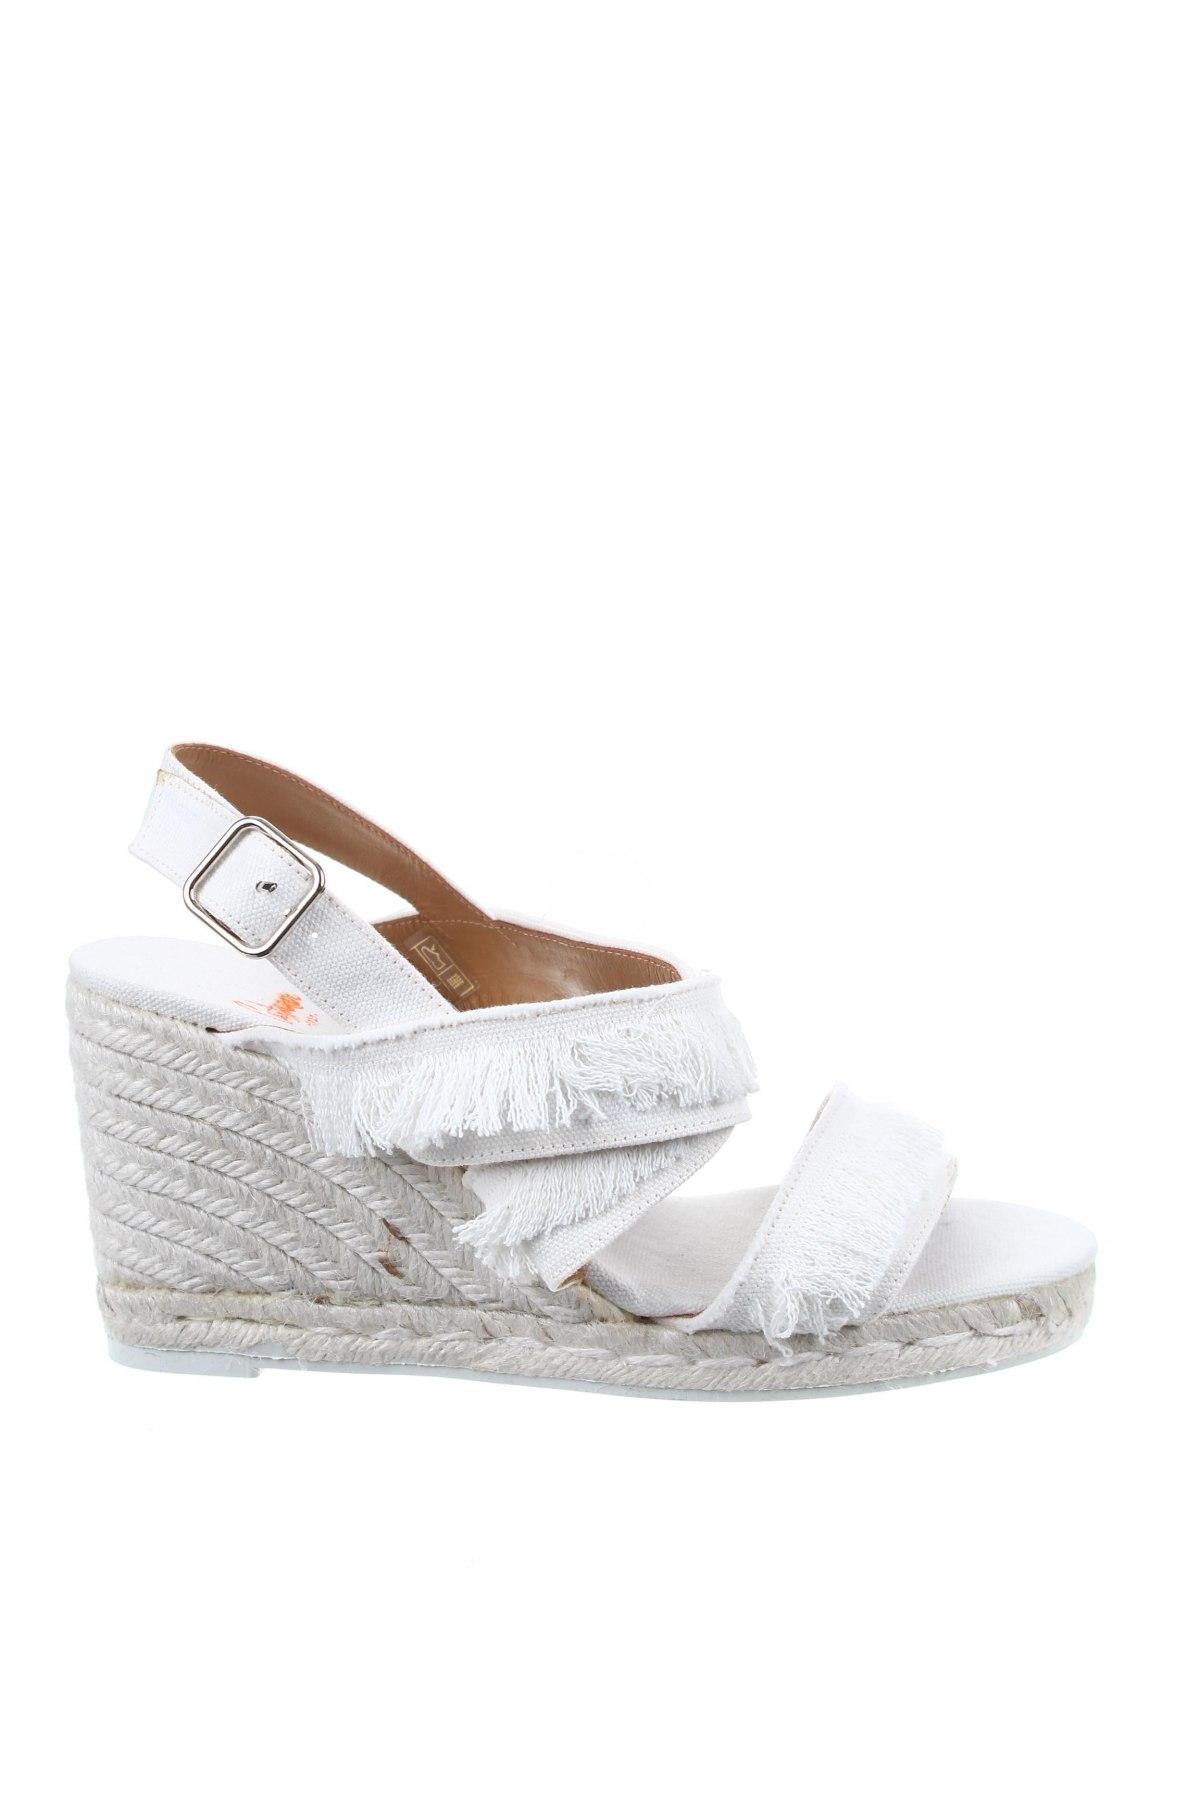 Σανδάλια Castaner, Μέγεθος 40, Χρώμα Λευκό, Κλωστοϋφαντουργικά προϊόντα, Τιμή 36,86€